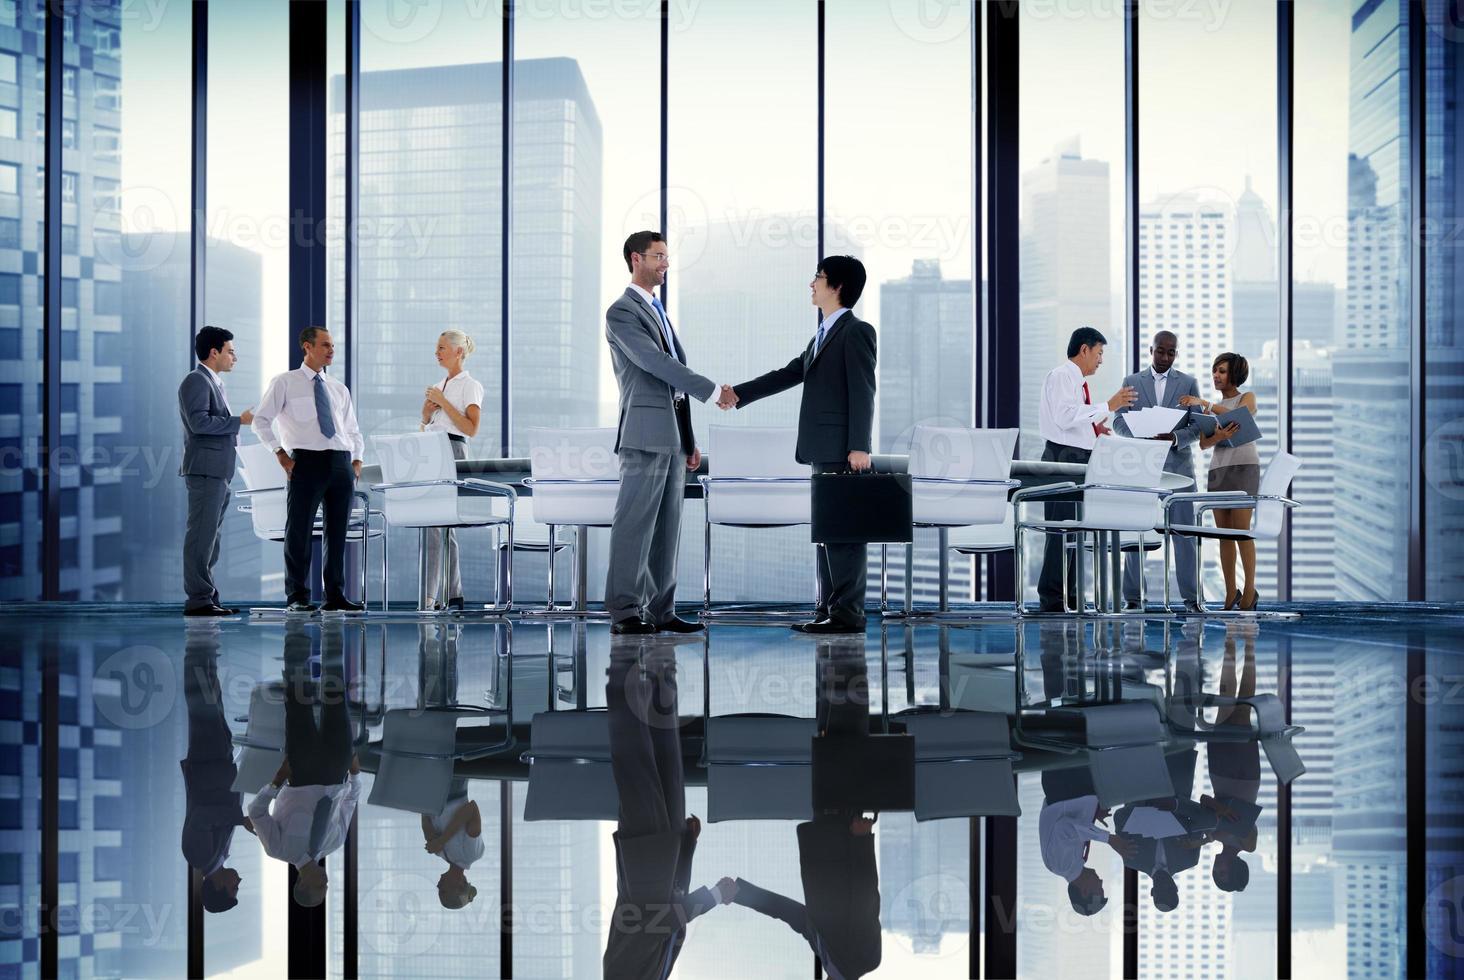 mensen uit het bedrijfsleven conferentie bijeenkomst handdruk totaalconcept foto